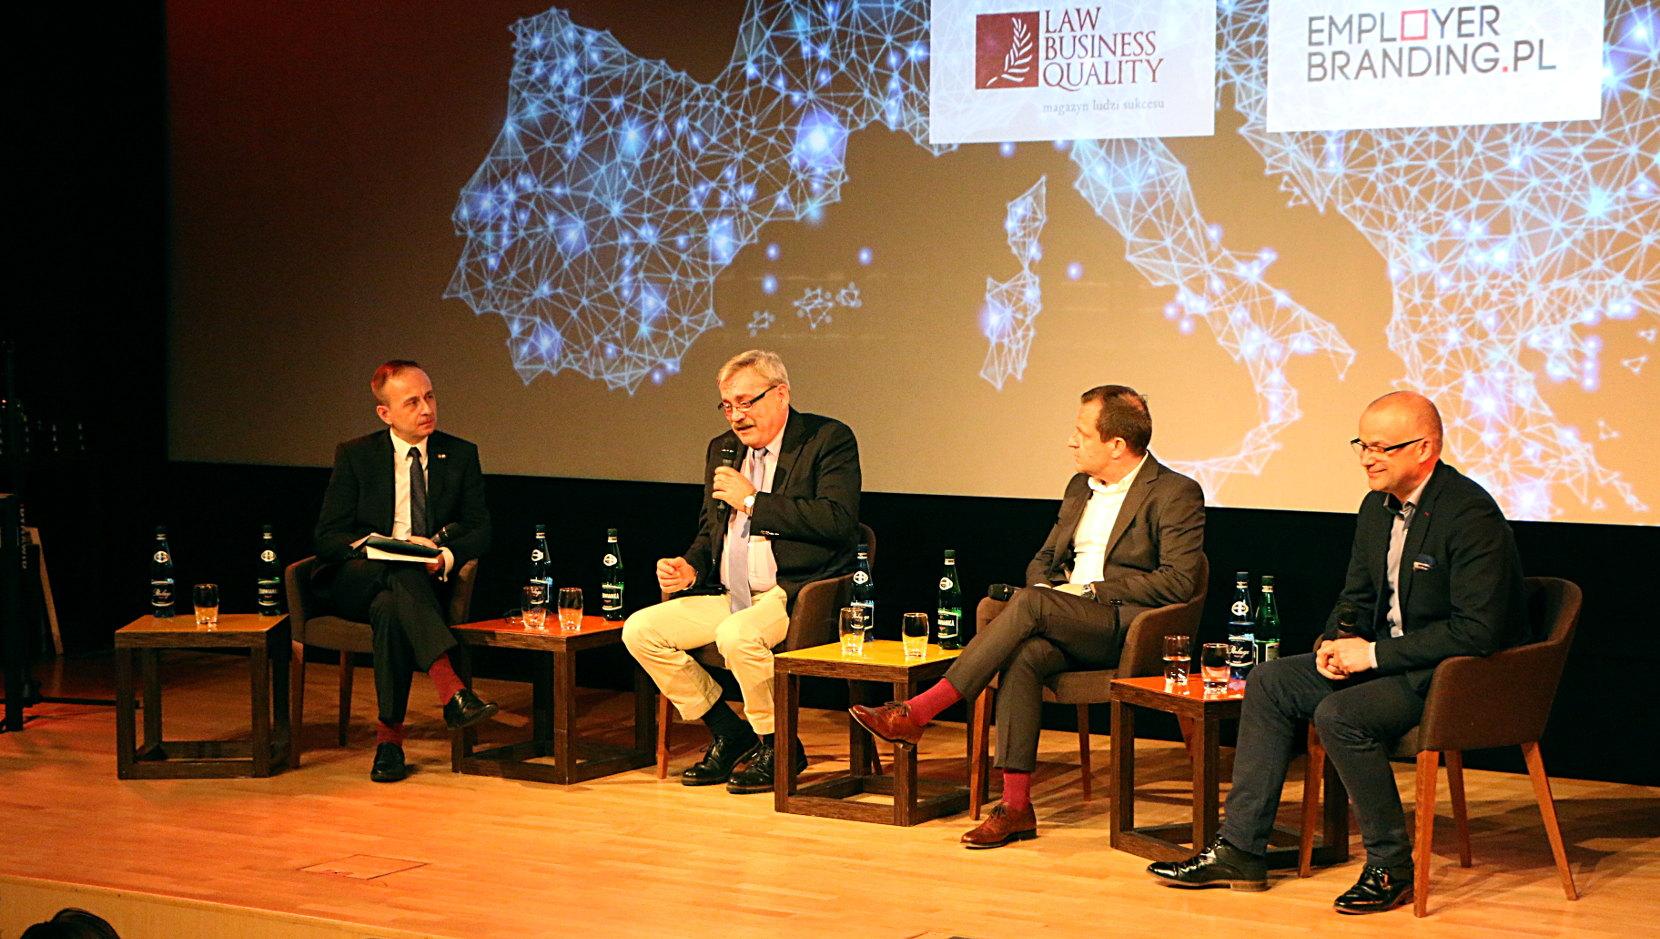 Debata na tema innowacyjności na Kongresie Jakości